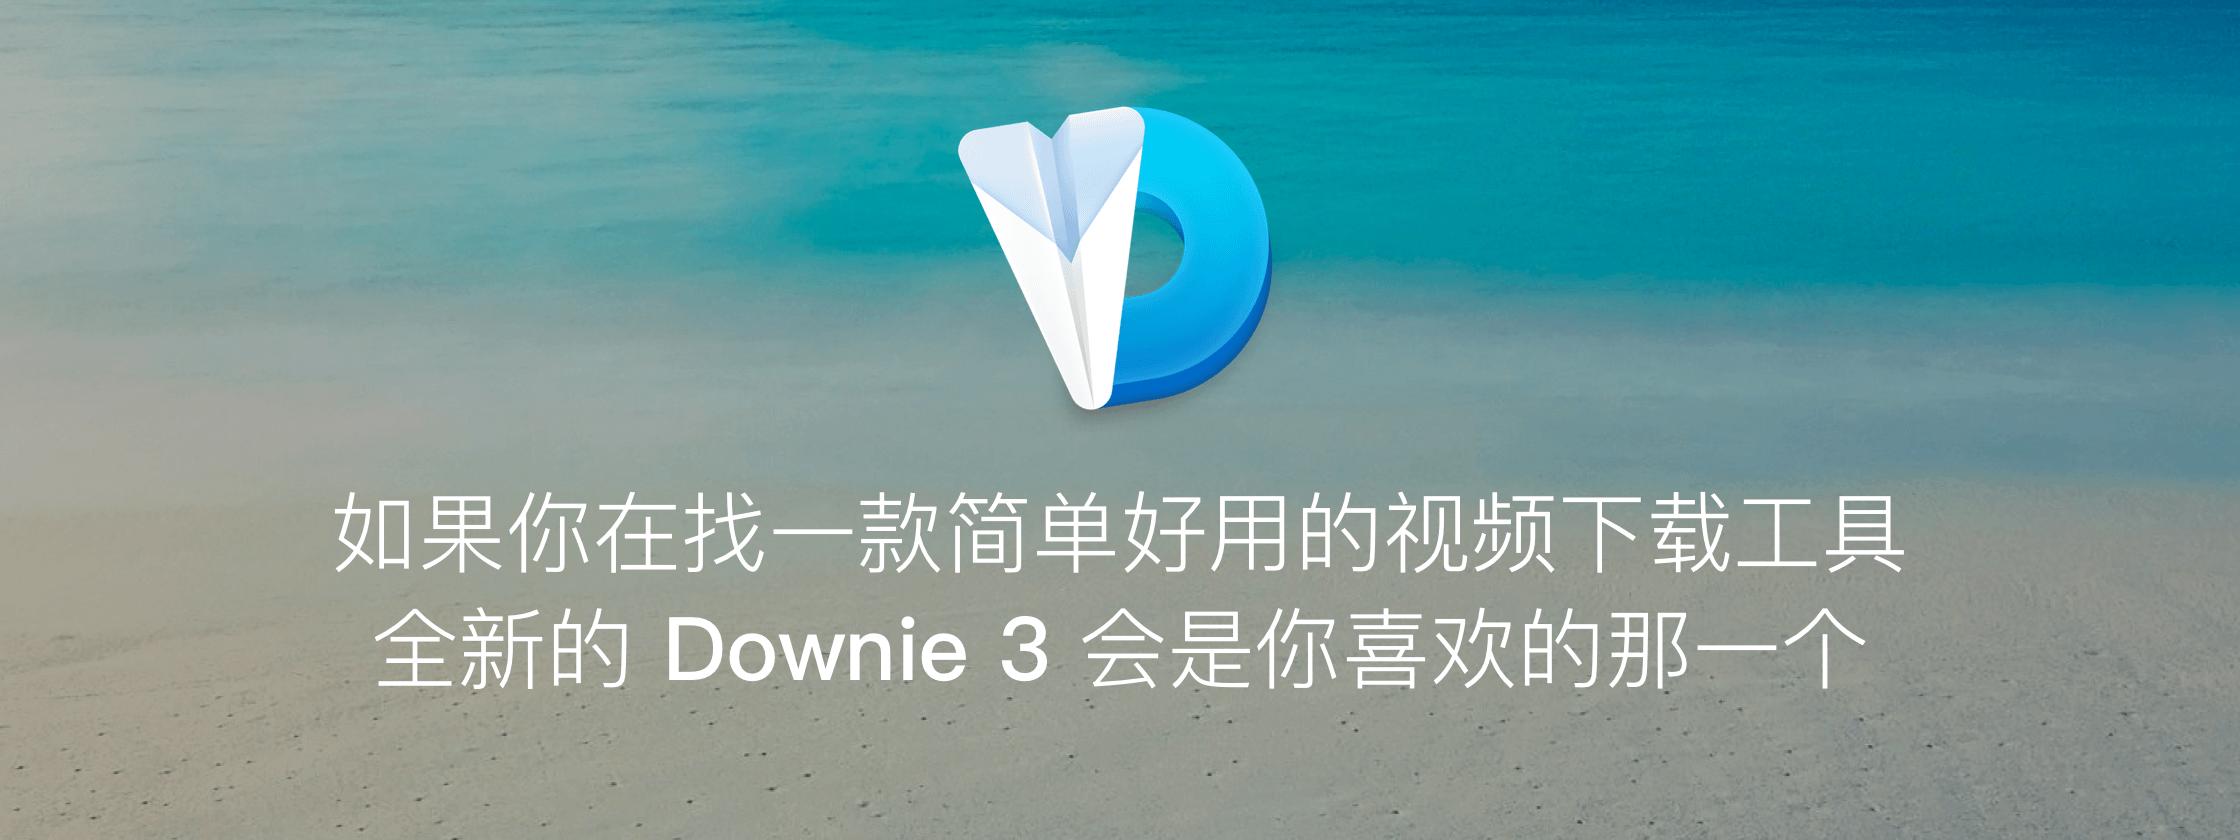 如果你在找一款简单好用的视频下载工具,全新的 Downie 3 会是你喜欢的那一个